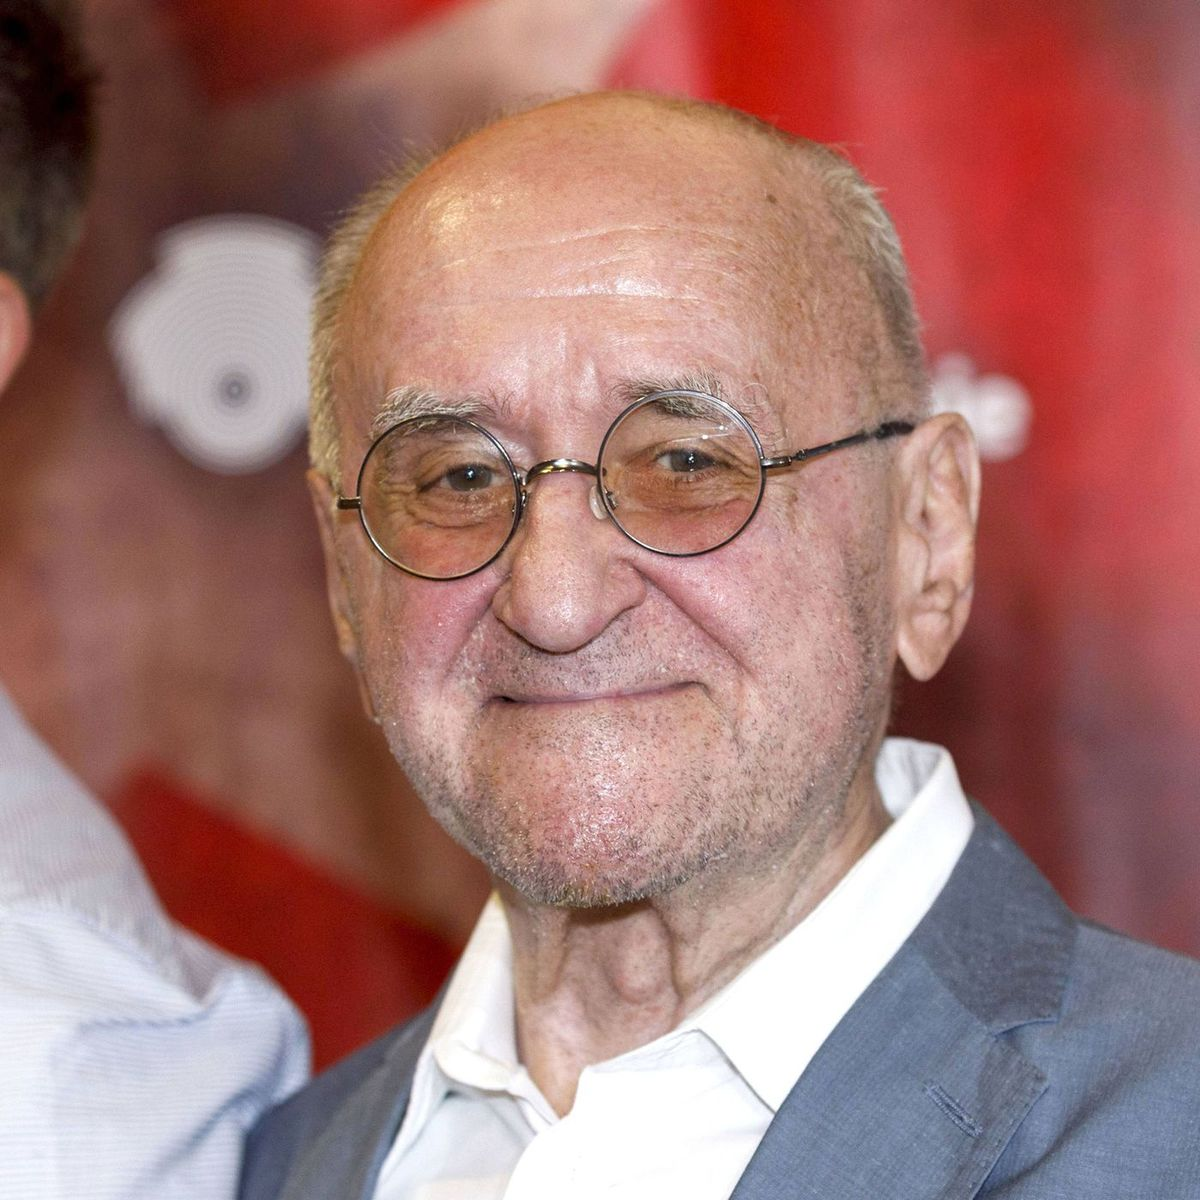 Alfred Biolek Ich Habe Keine Angst Vor Dem Tod Der Spiegel